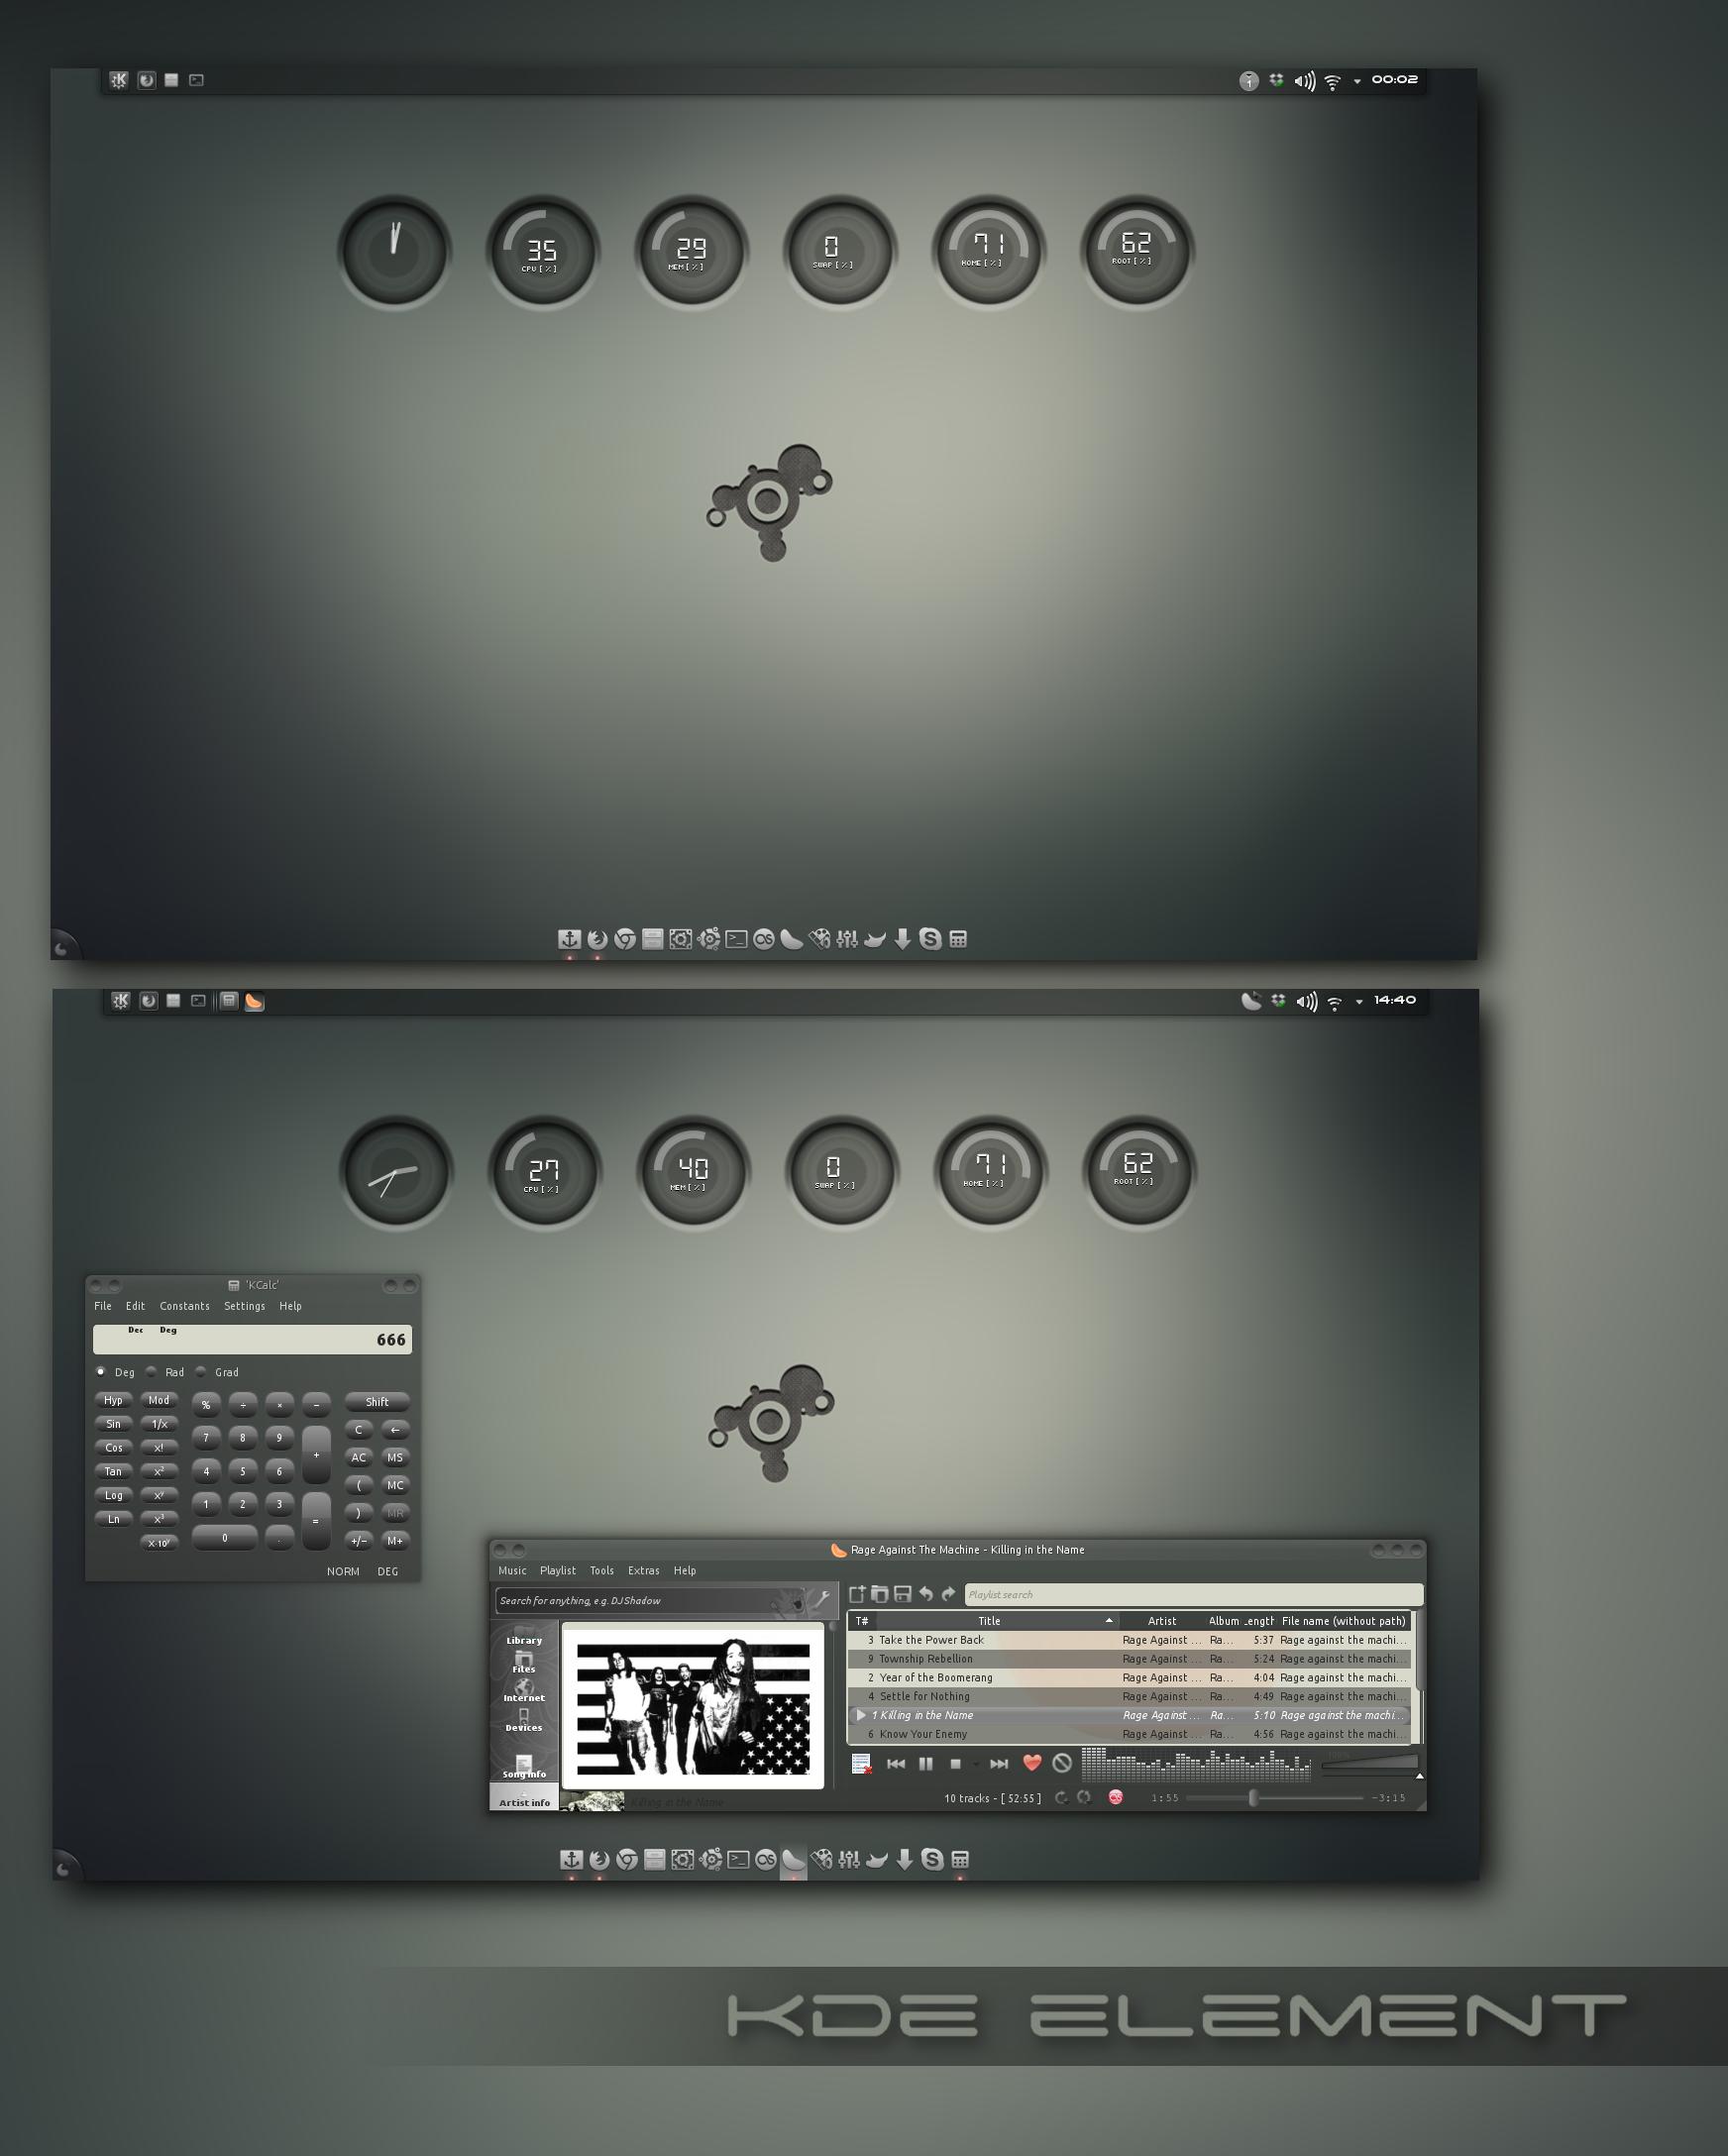 KDE Element by miguelsanchez666